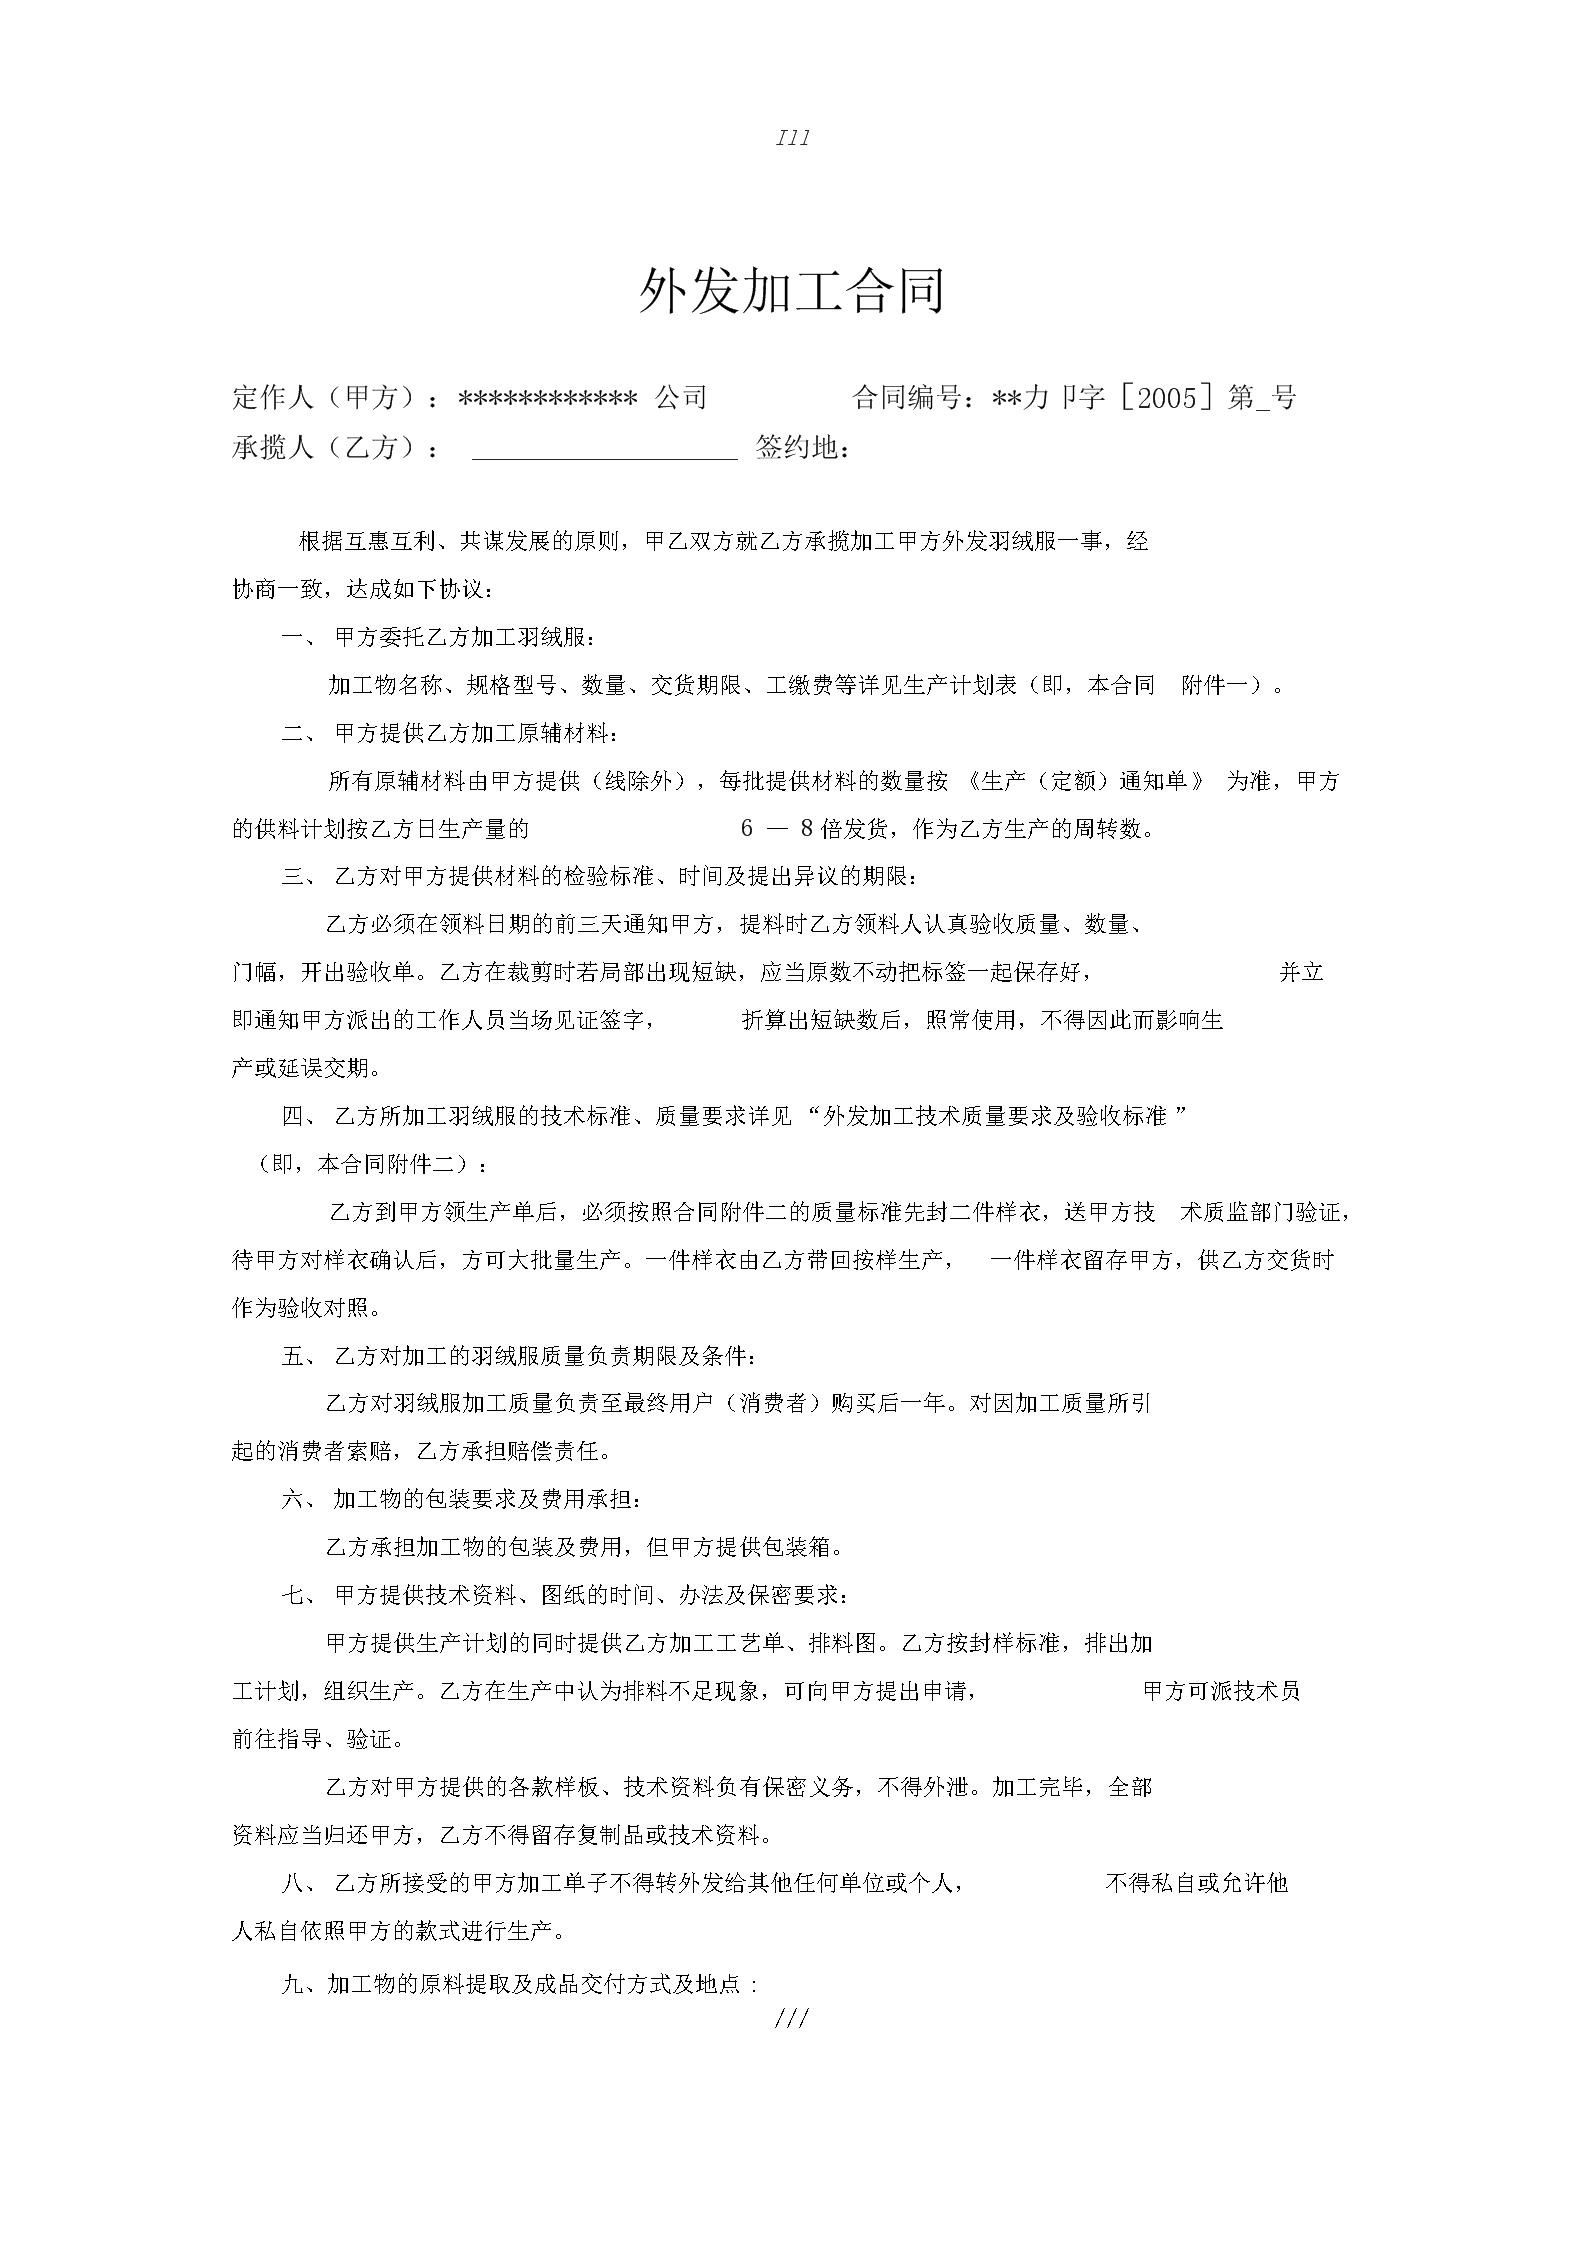 推荐-服装外发加工合同.docx